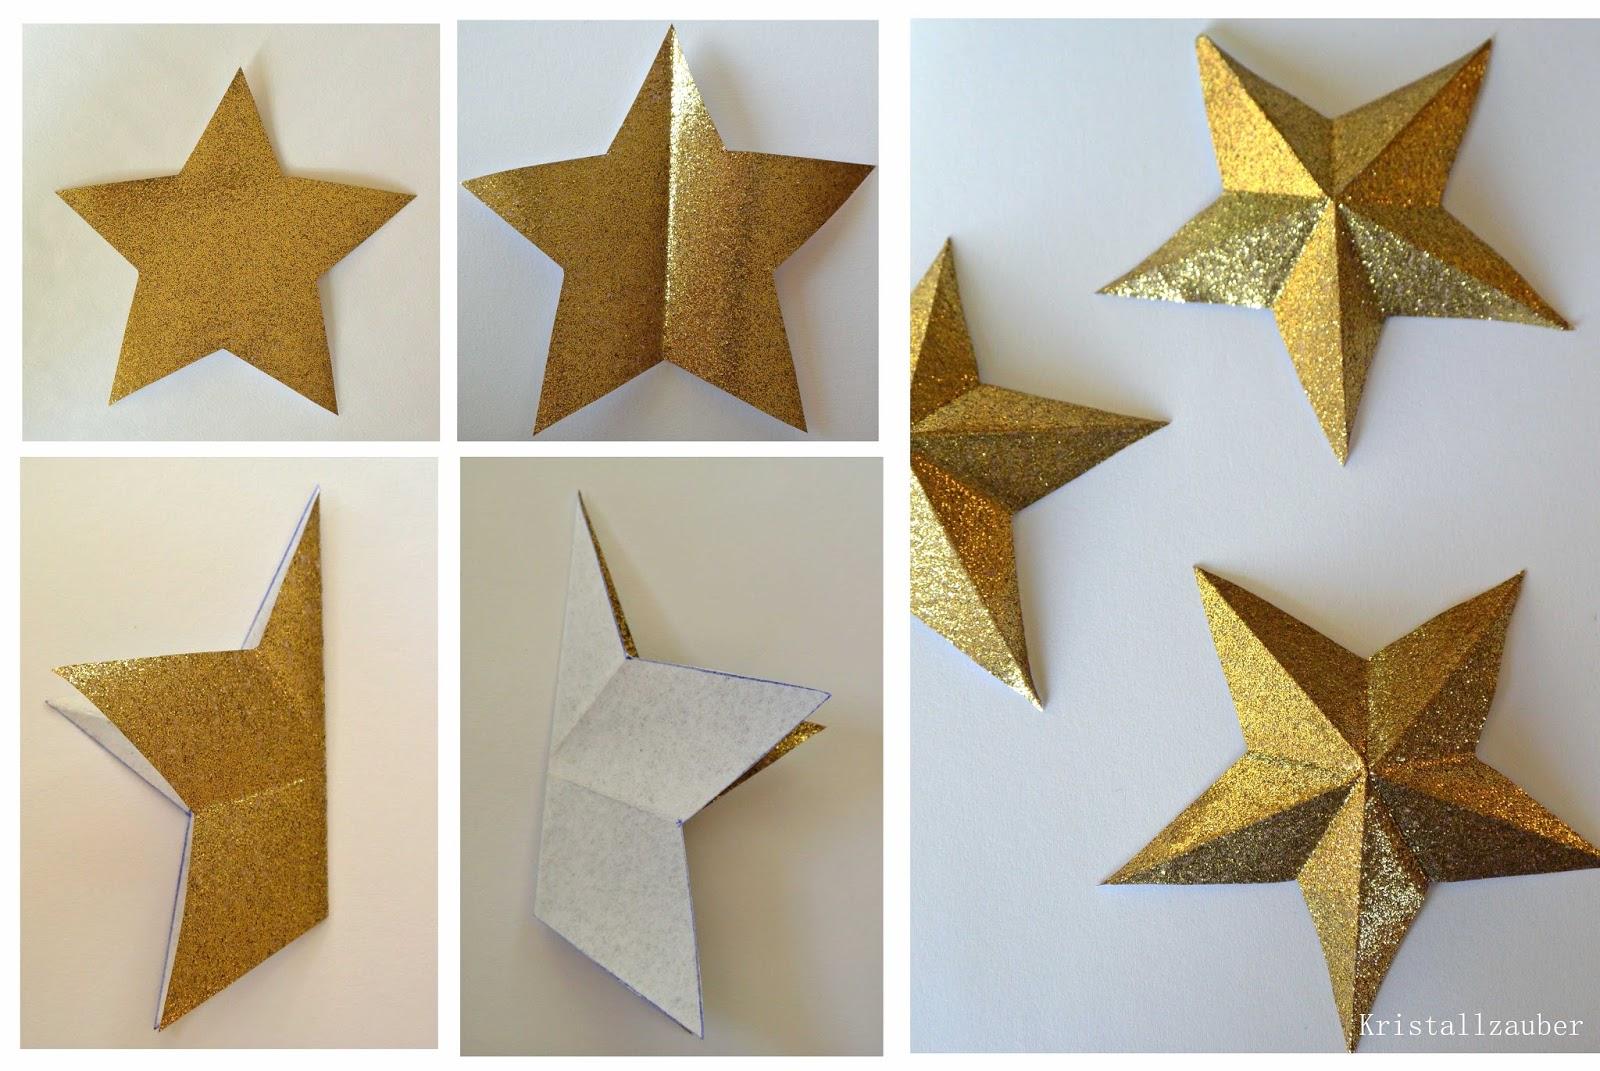 Kristallzauber: {DIY} Türkranz mit 3D Sternen aus goldenem Glimmerpapier